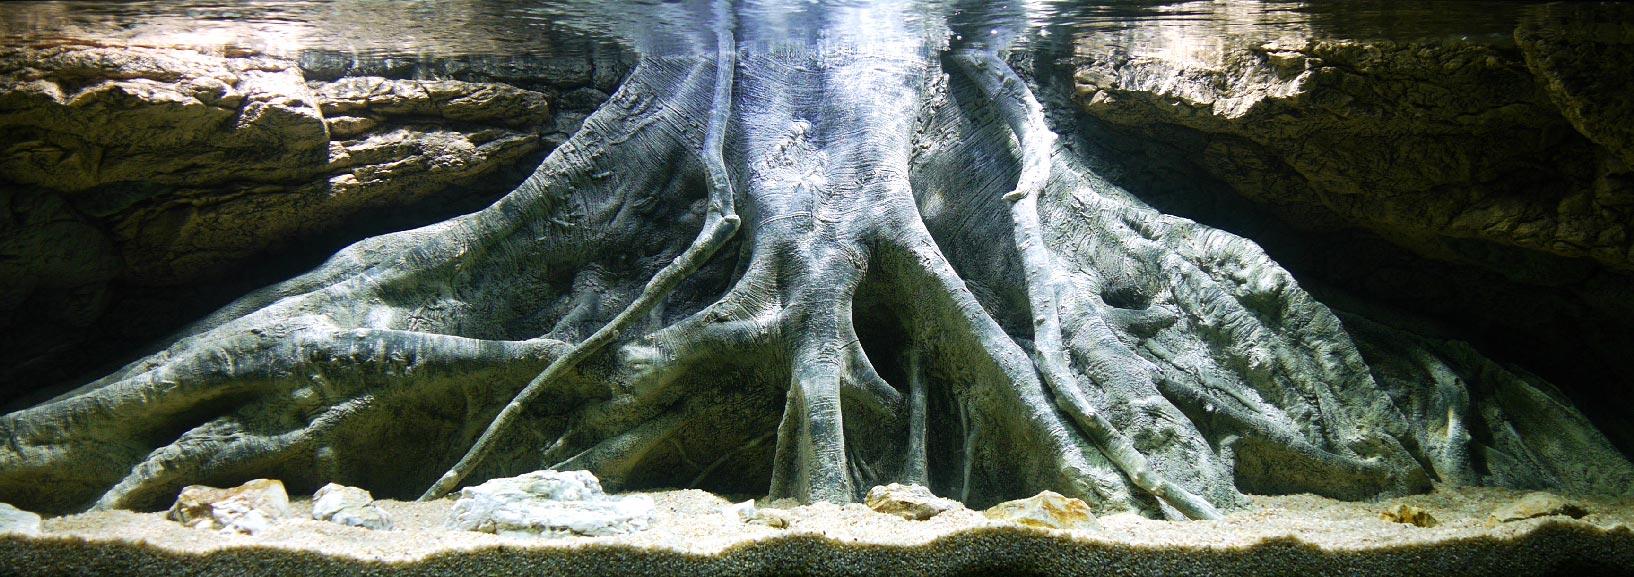 Aquarium 3D Rückwand Amazinas XL NEU von ARSTONE